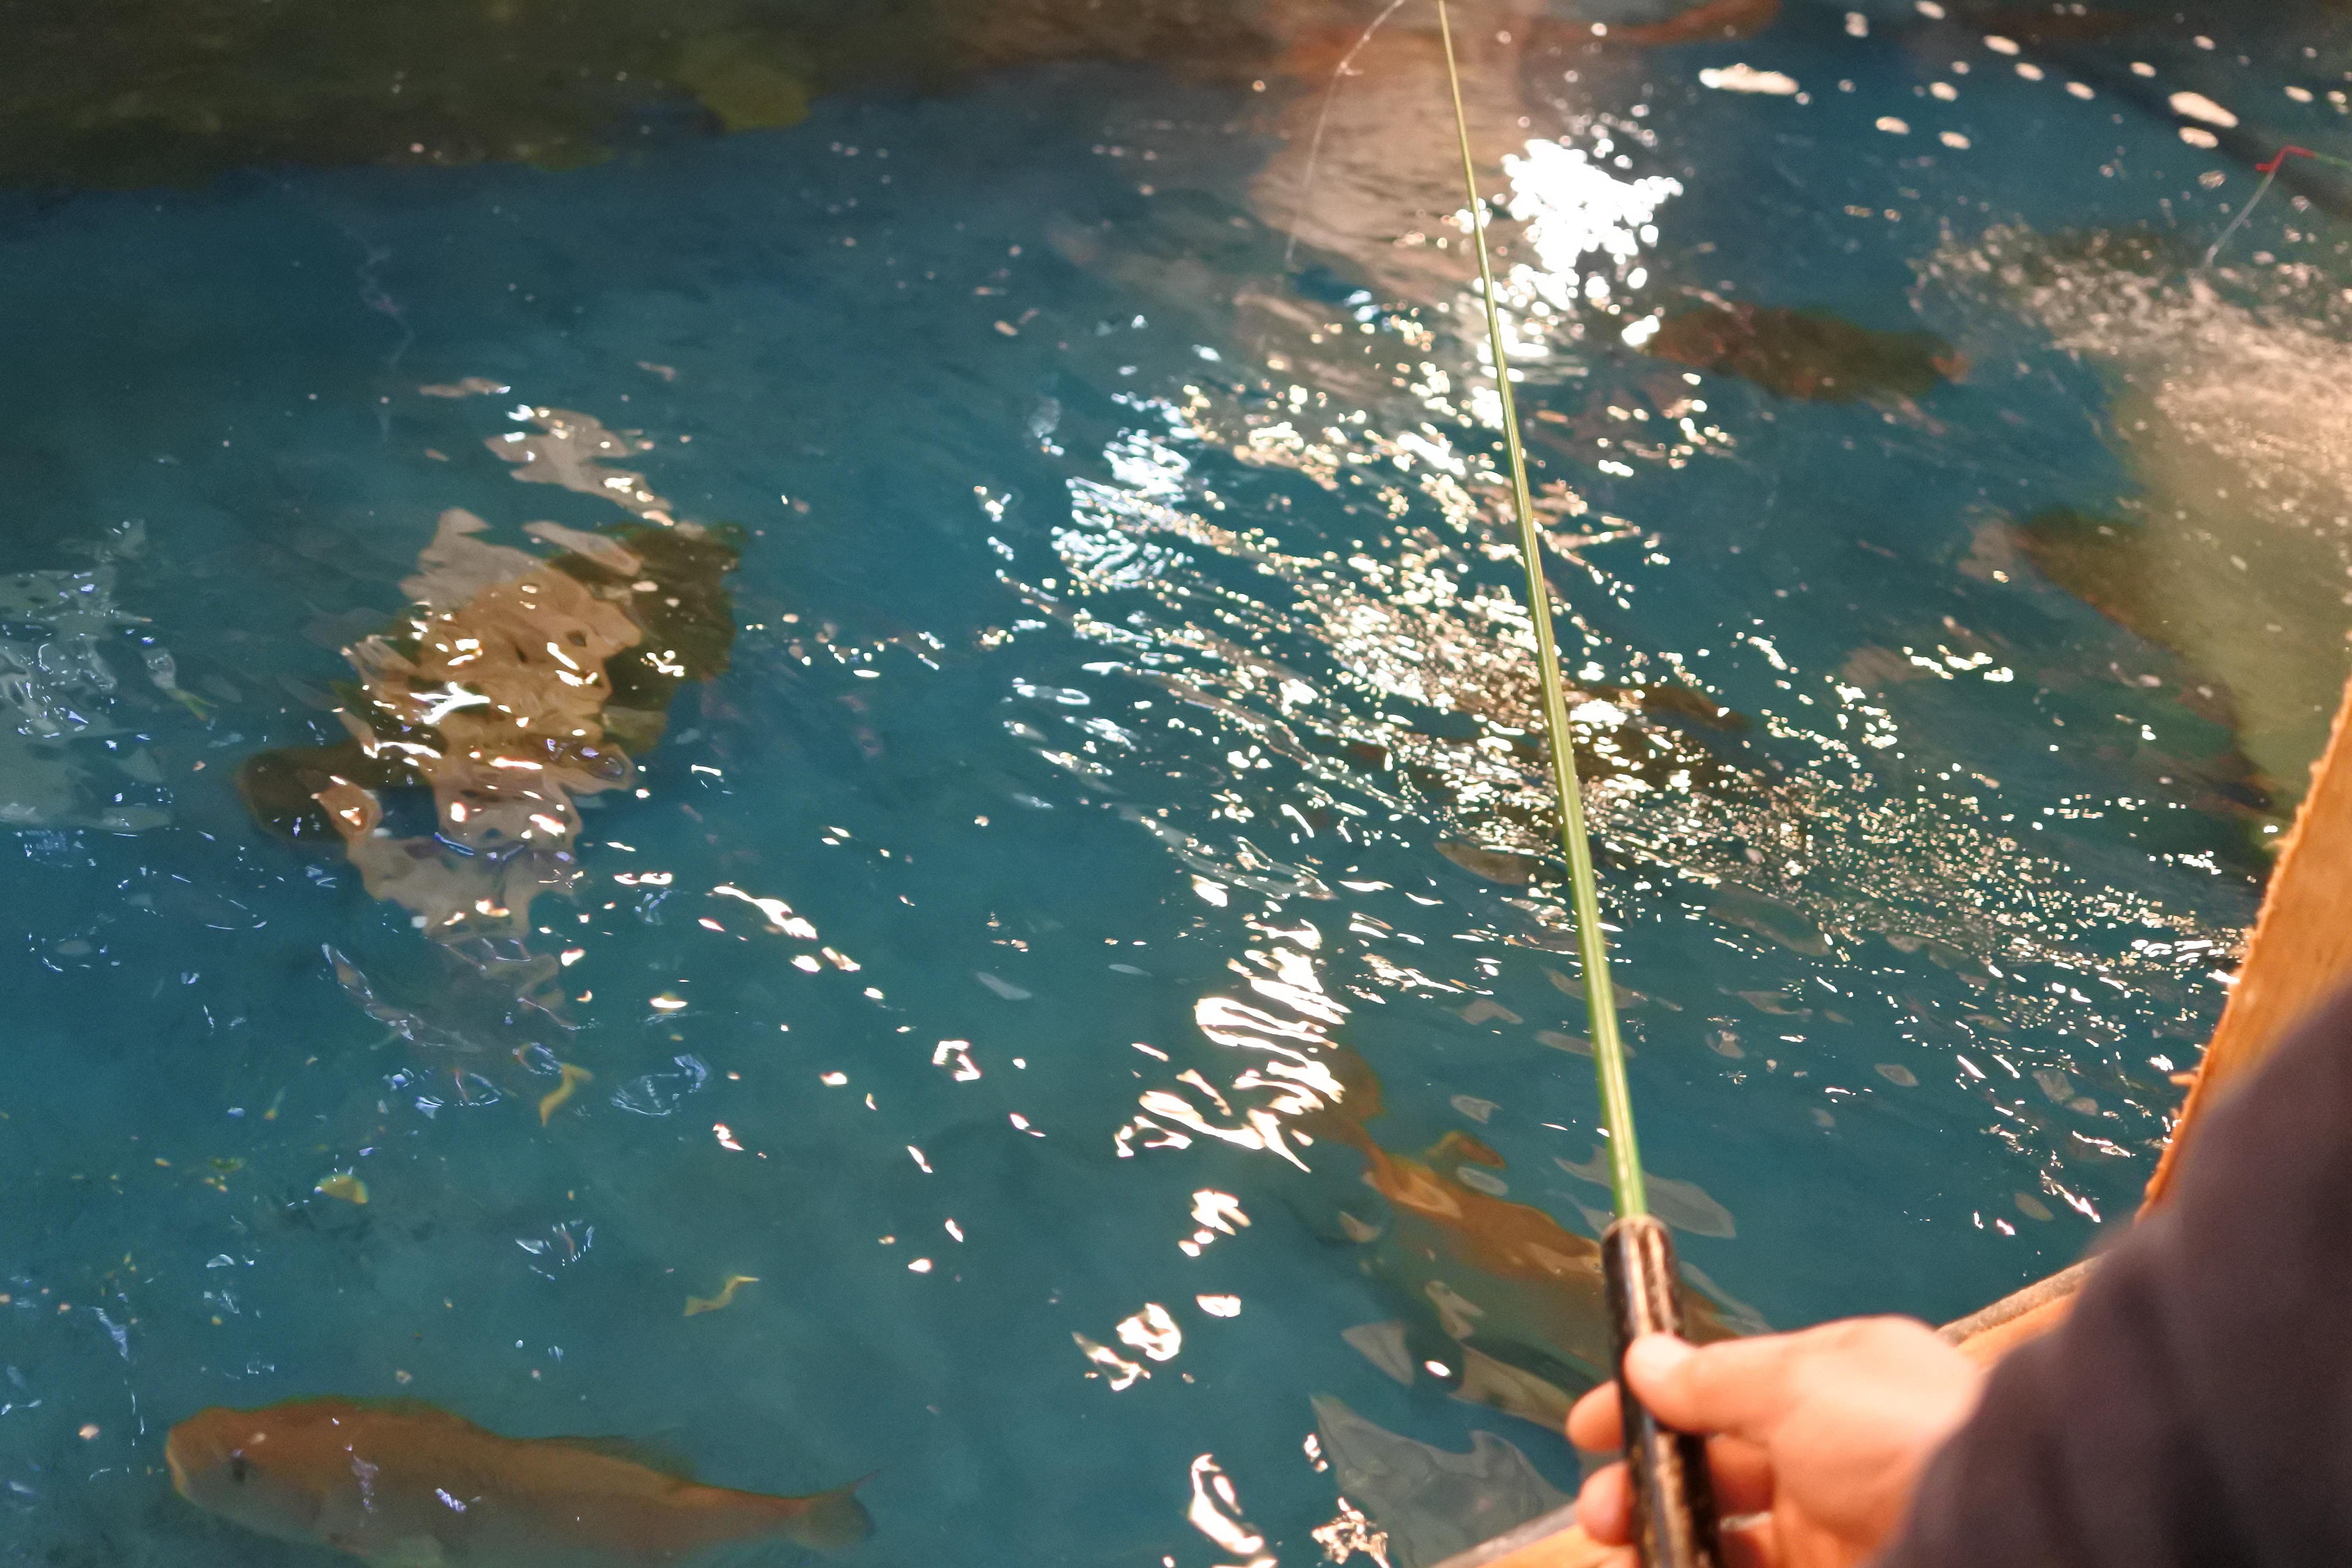 自分で釣った魚が食べられる!『釣船茶屋 ざうお小牧店』で釣り体験をしてきた - DSC 1119 1